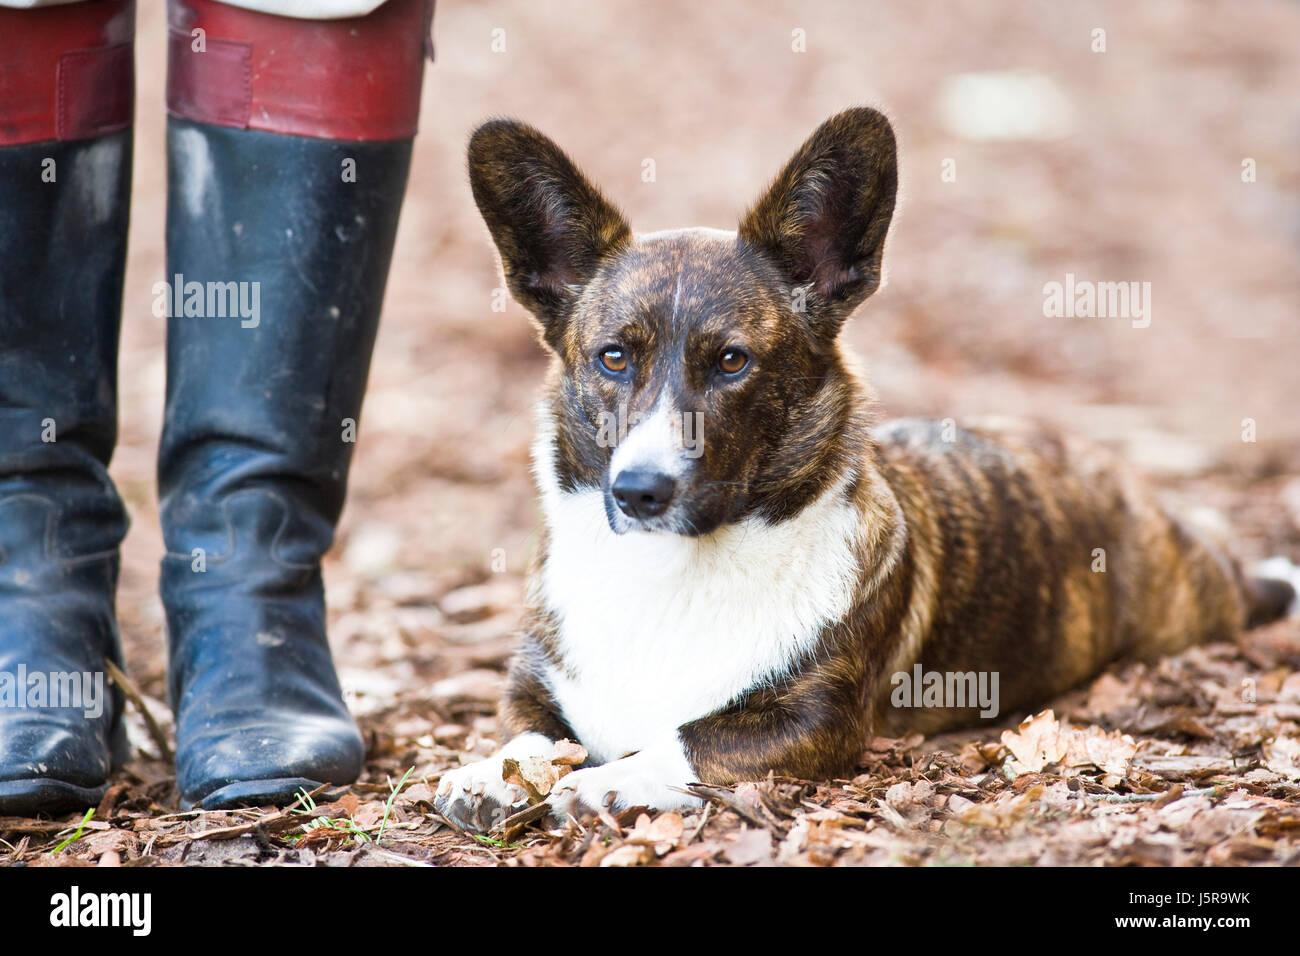 Boot chasseur animal portrait regard noir profond jetblack basané noir oreilles chien Banque D'Images